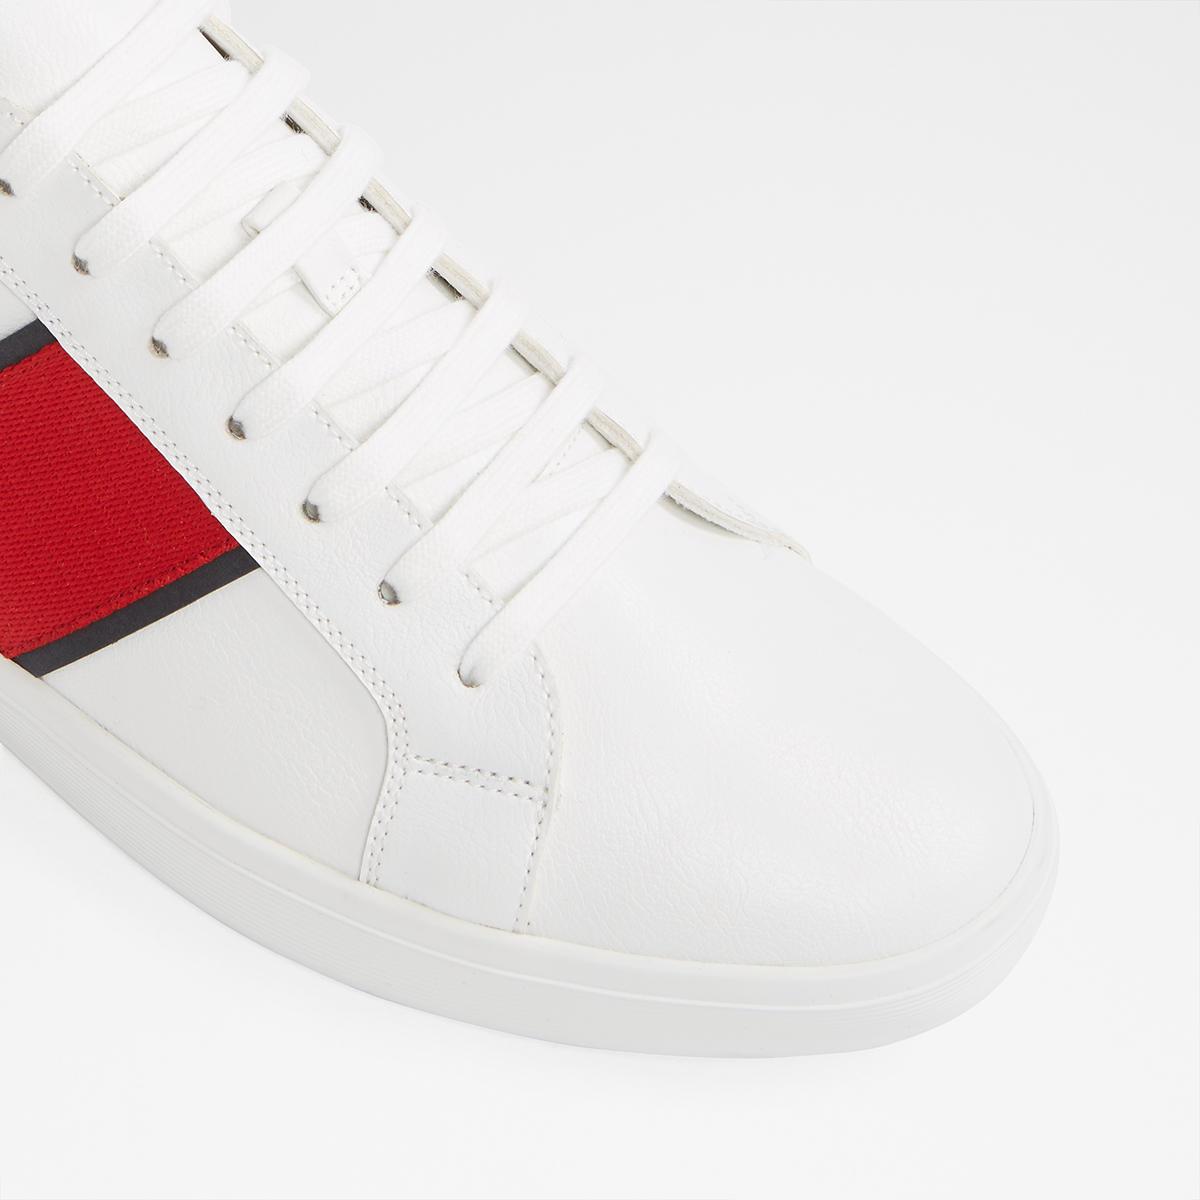 eb60265e13f7 Cowien White Men s Sneakers